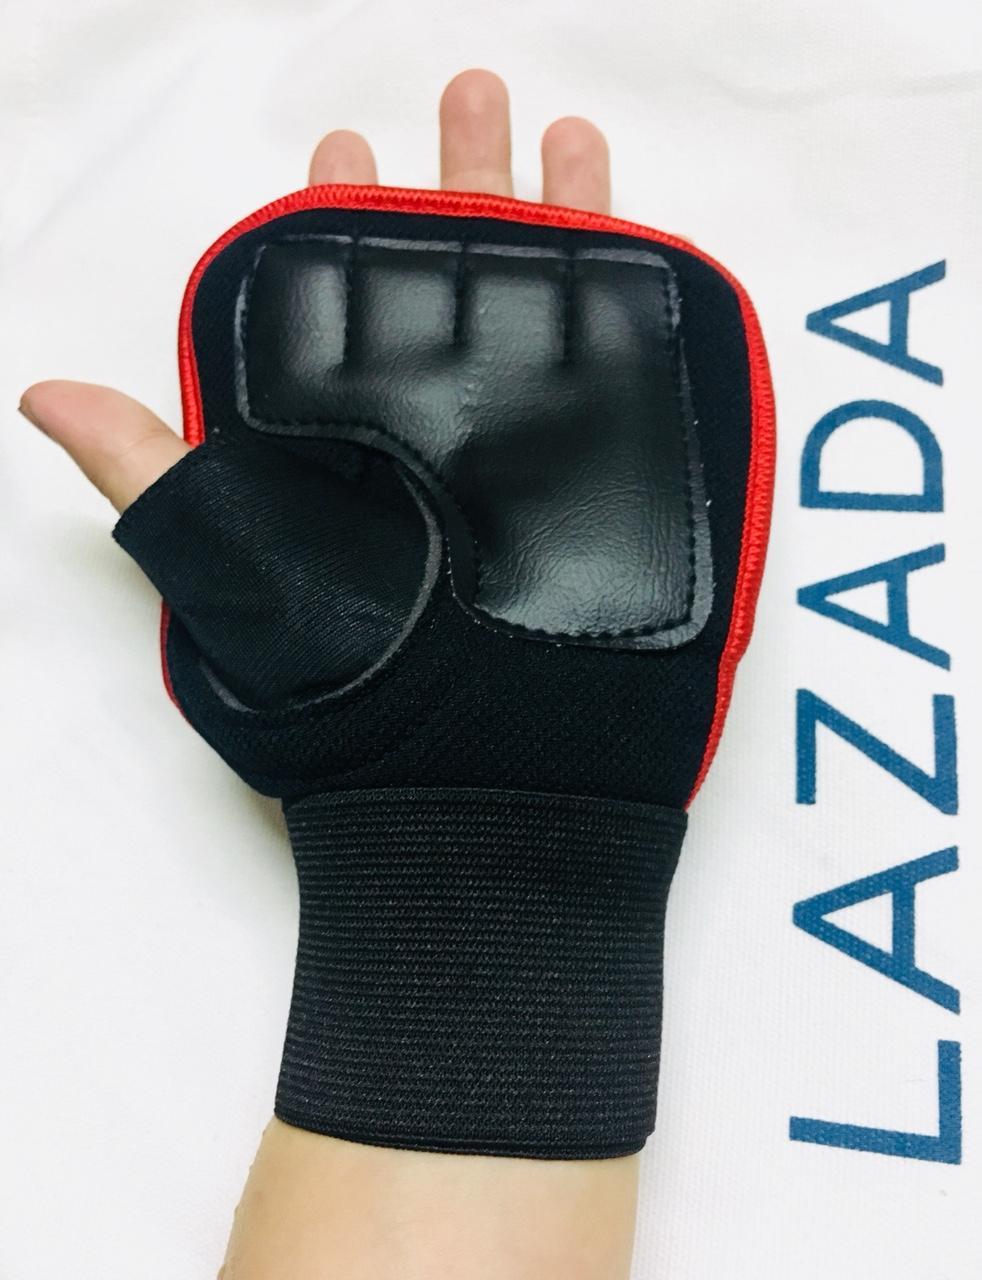 Hình ảnh RẺ VÔ ĐỊCH 1 cặp Bao tay Găng tay tập Gym tích hợp quấn cổ tay 2in1 FREESHIP từ 99k